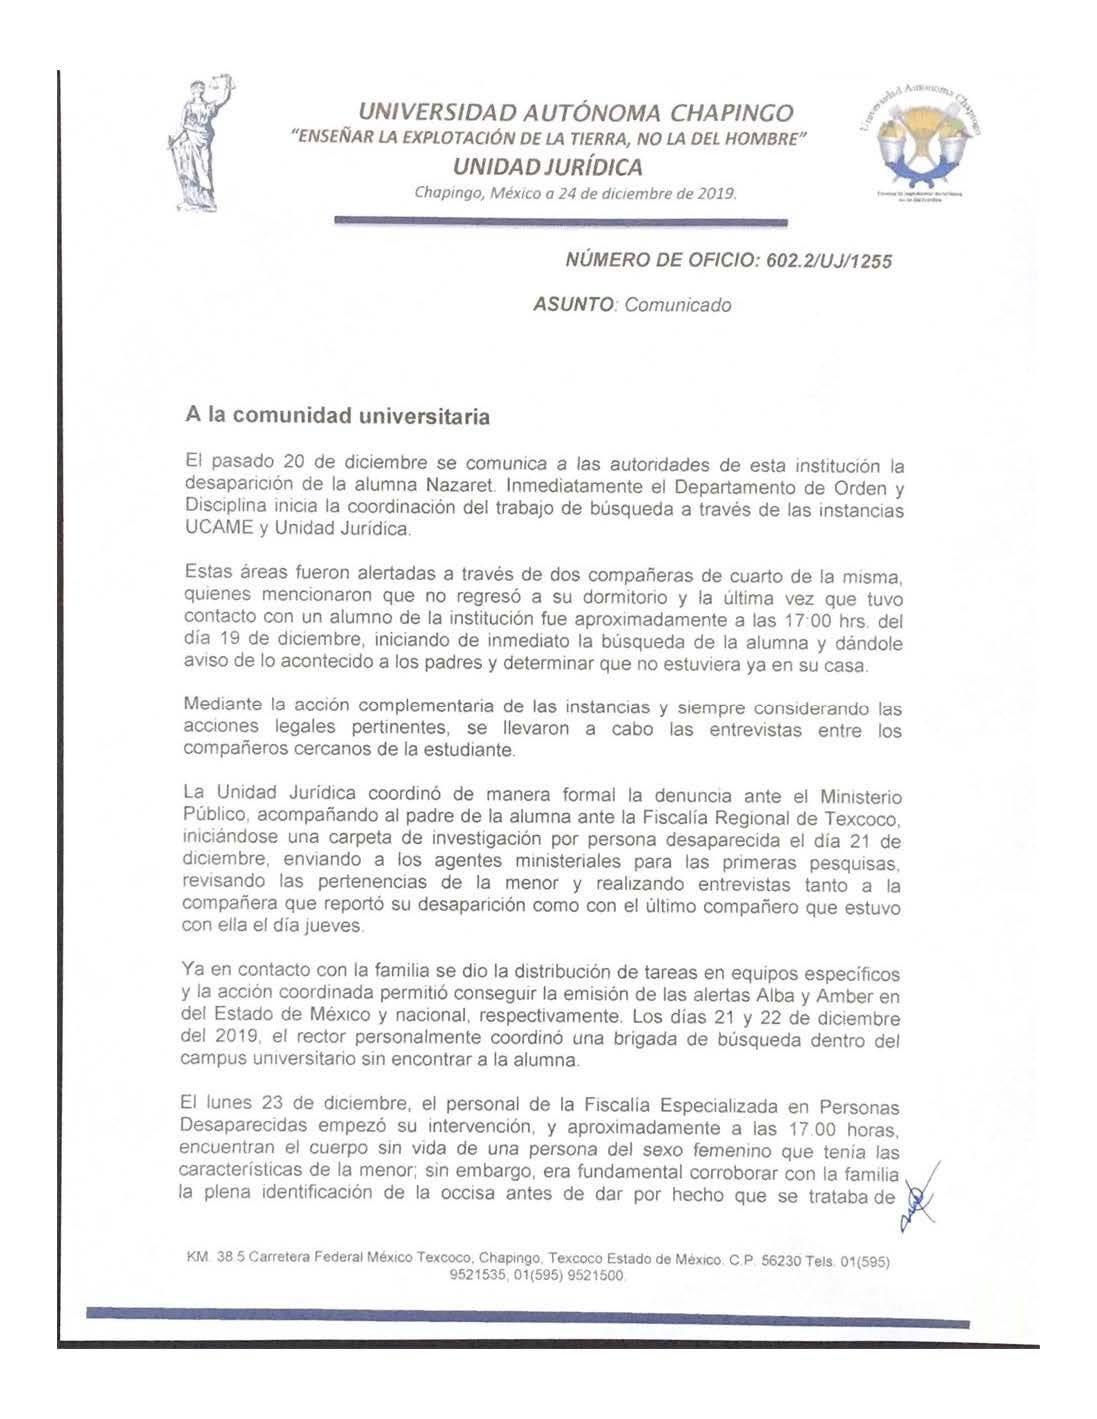 """Comunicado de la Universidad Autonoma de Chapingo sobre la muerte de la alumna de 15 años Nazaret """"N"""""""